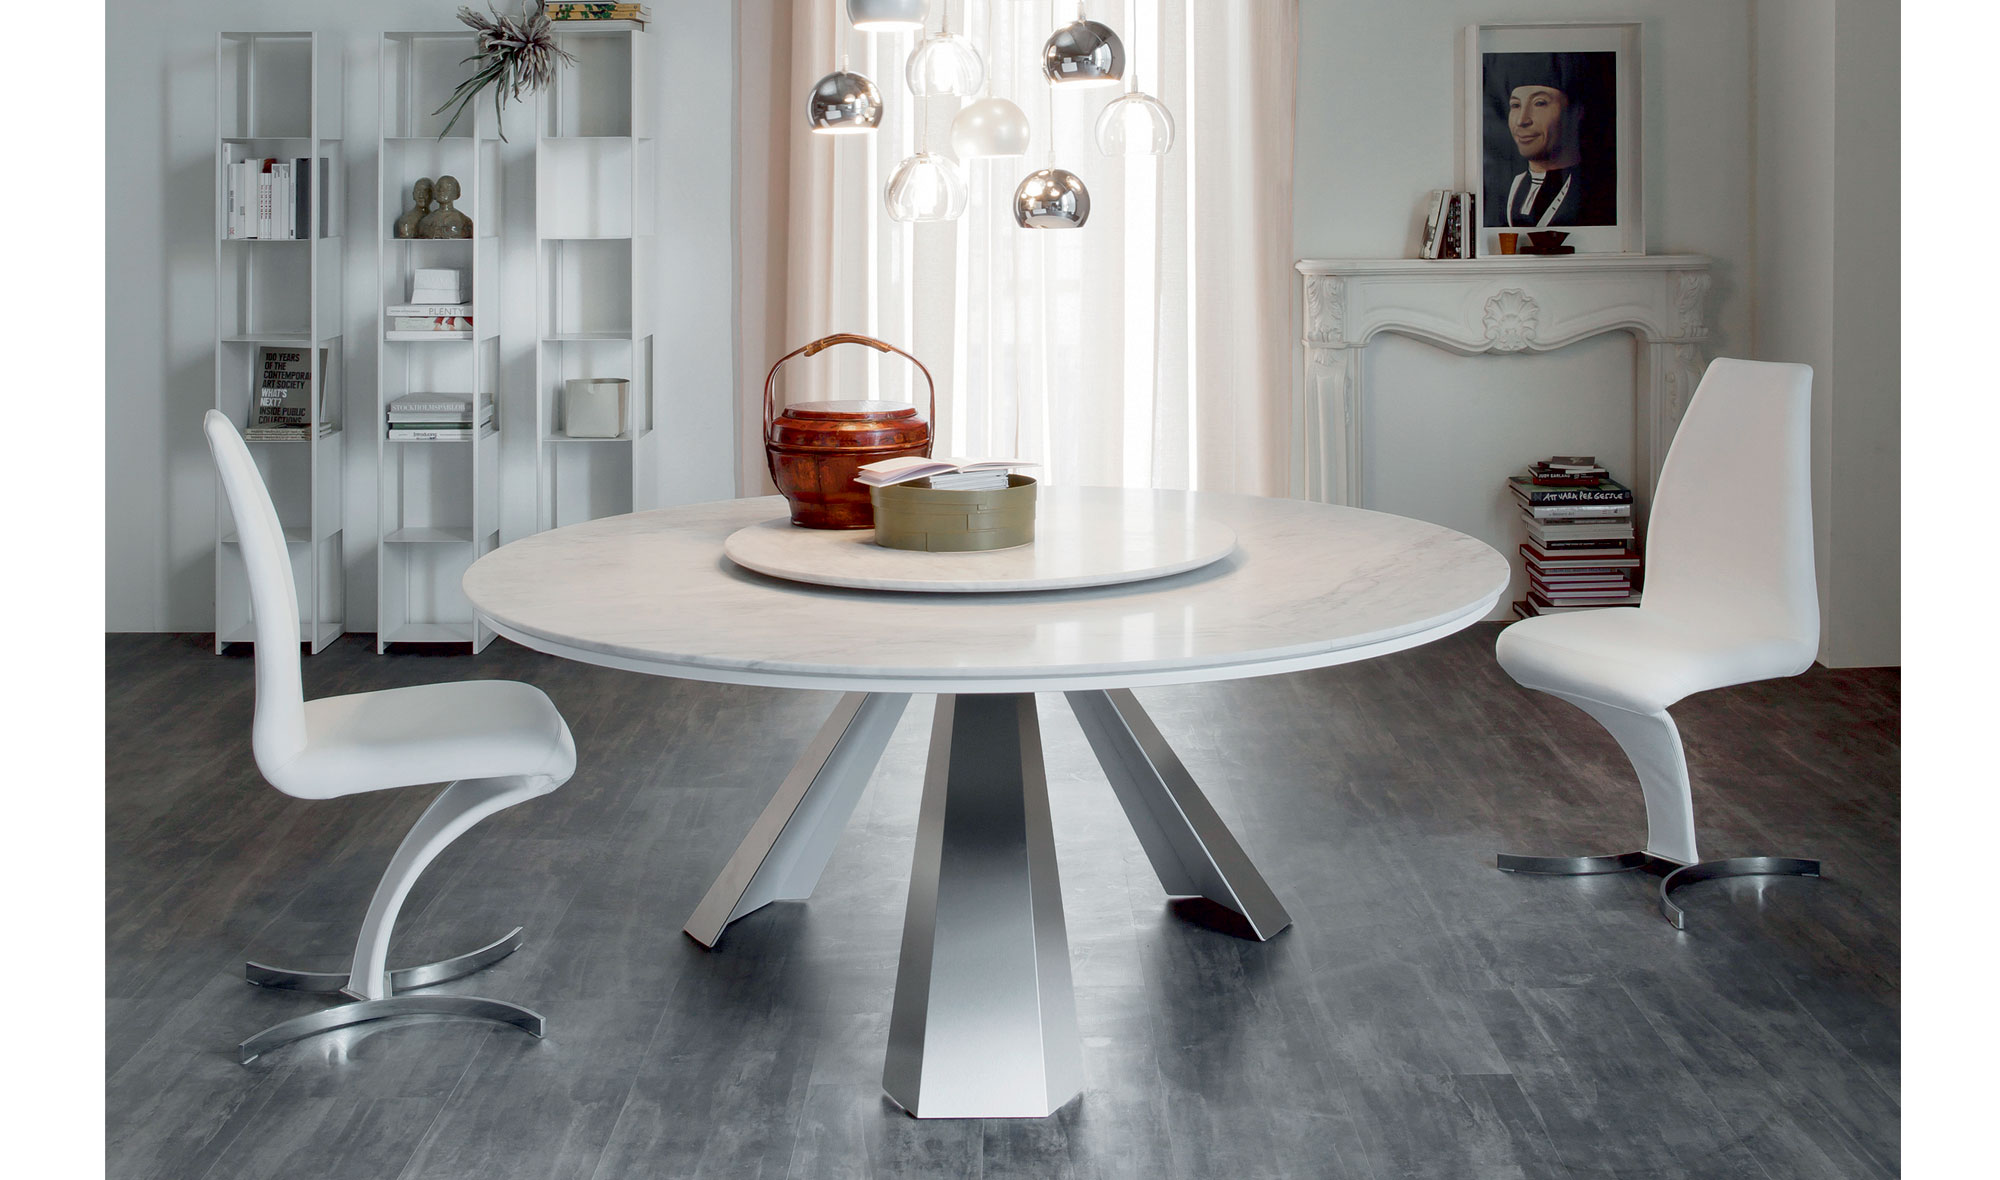 Mesa de comedor redonda moderna eliot cattelan en - Mesa redonda comedor ...